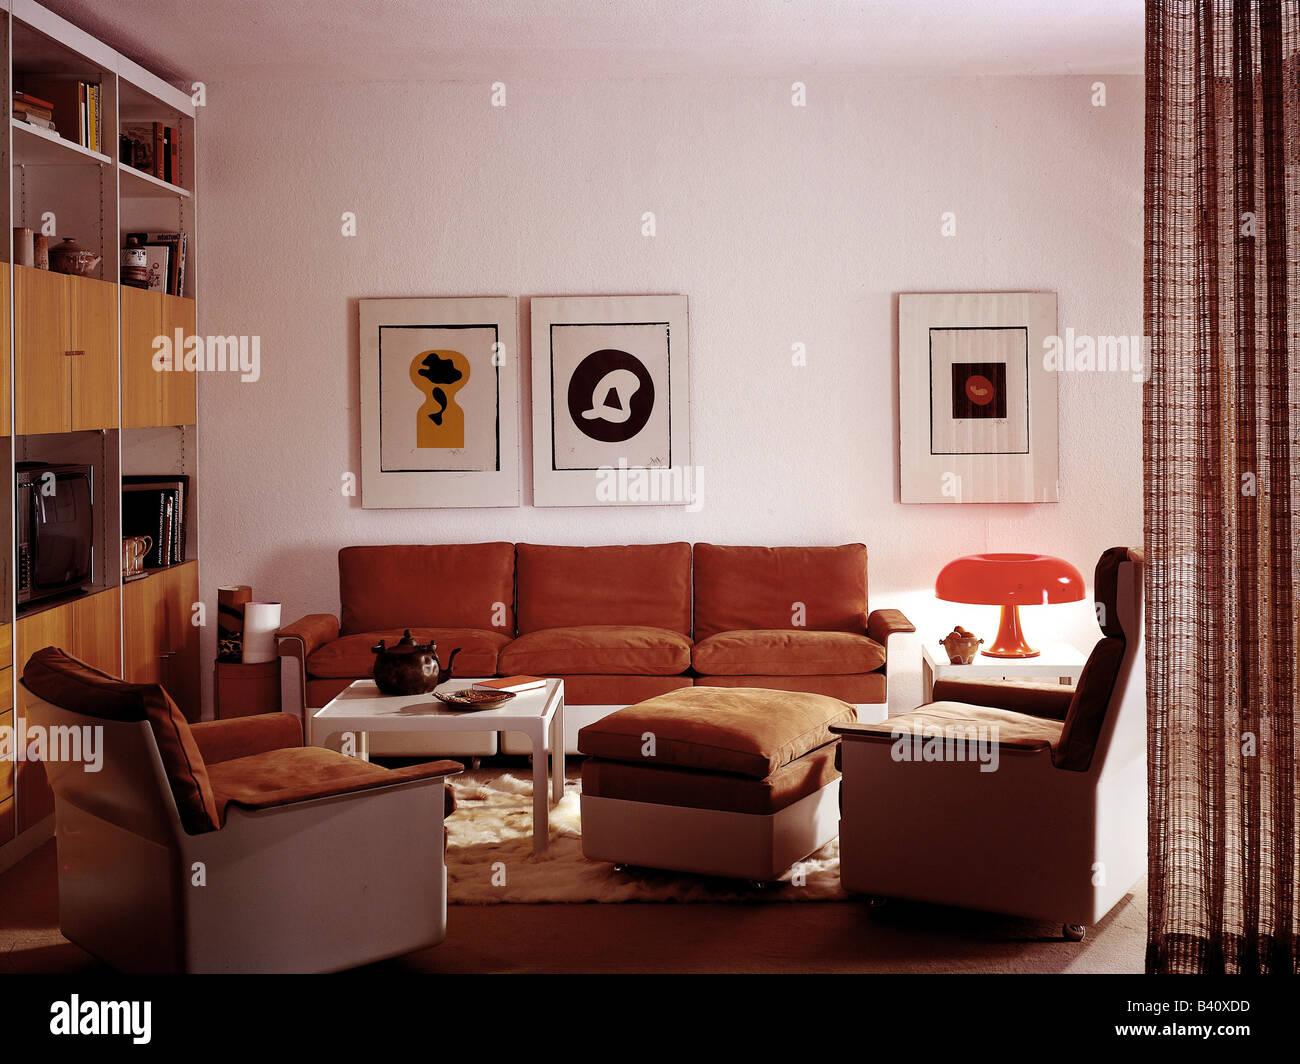 Uberlegen Möbel, Wohnzimmer, 1970er Jahre, 70er Jahre, Historisch, Historische, Möbel,  Dekoration, Couch, Tisch, Sessel,